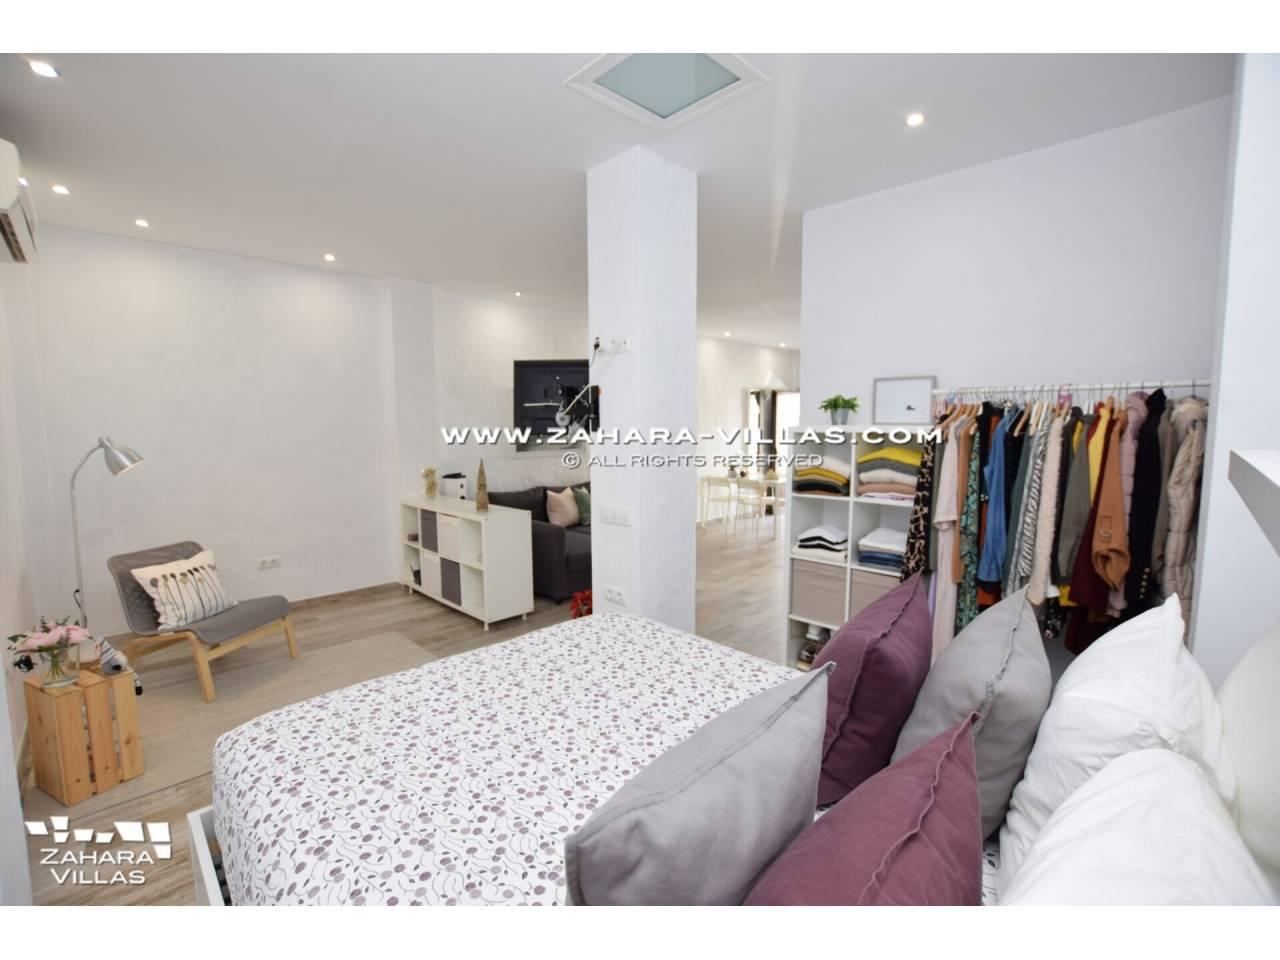 Imagen 42 de Haus zum verkauf in Zahara de los Atunes